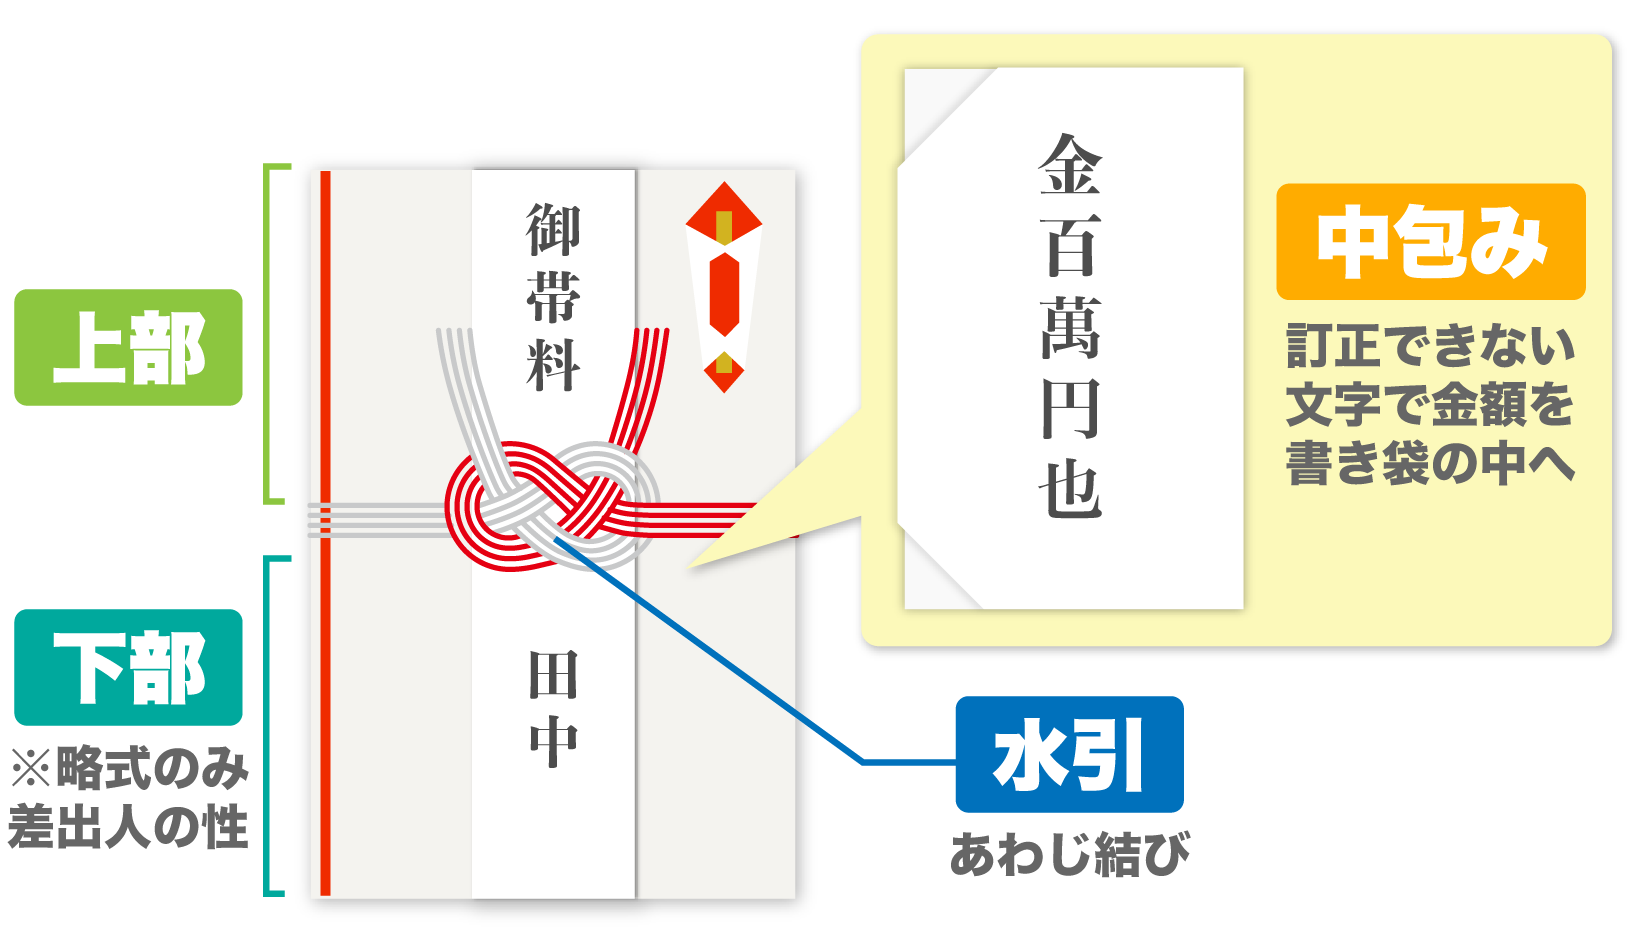 結納金袋表書きや中包みの正式な書き方を説明している。上部に御帯料、下部に姓、あわじ結び